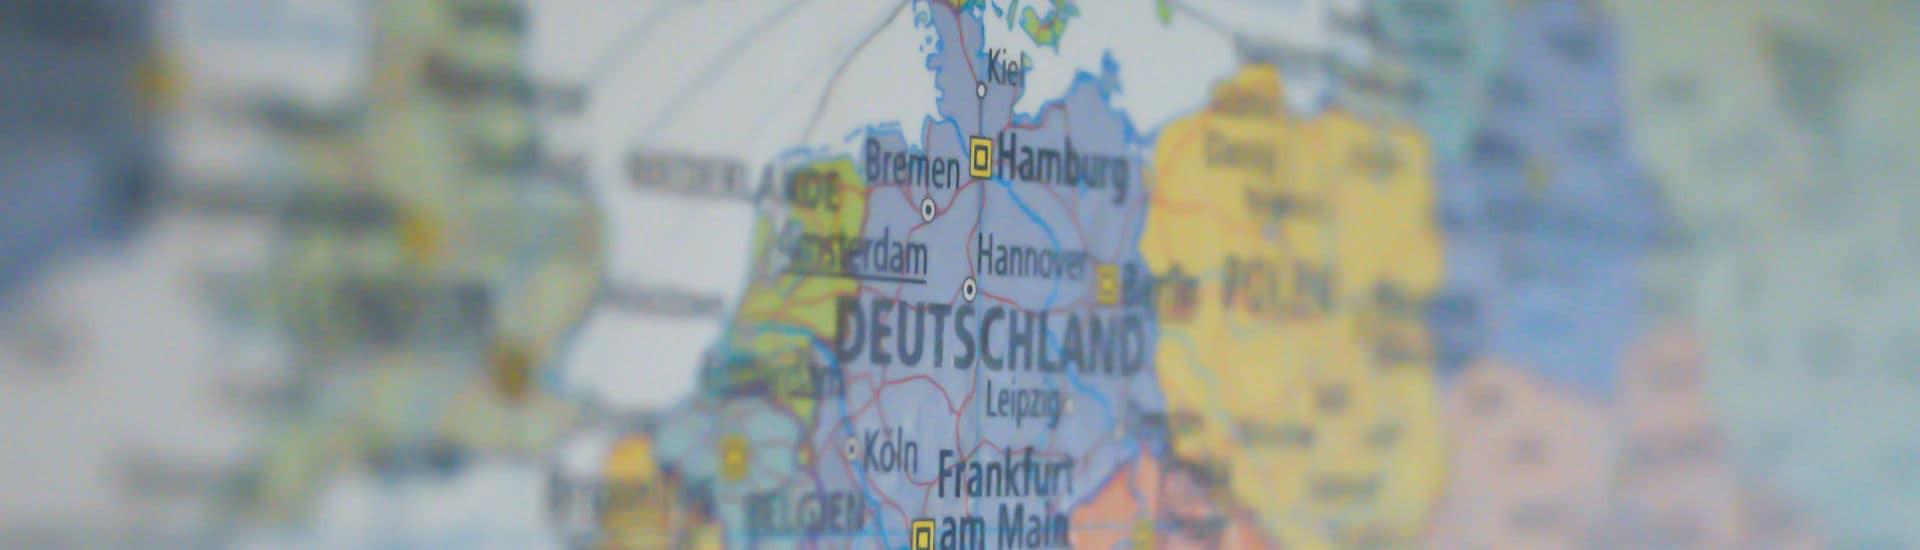 kelionės į vokietiją